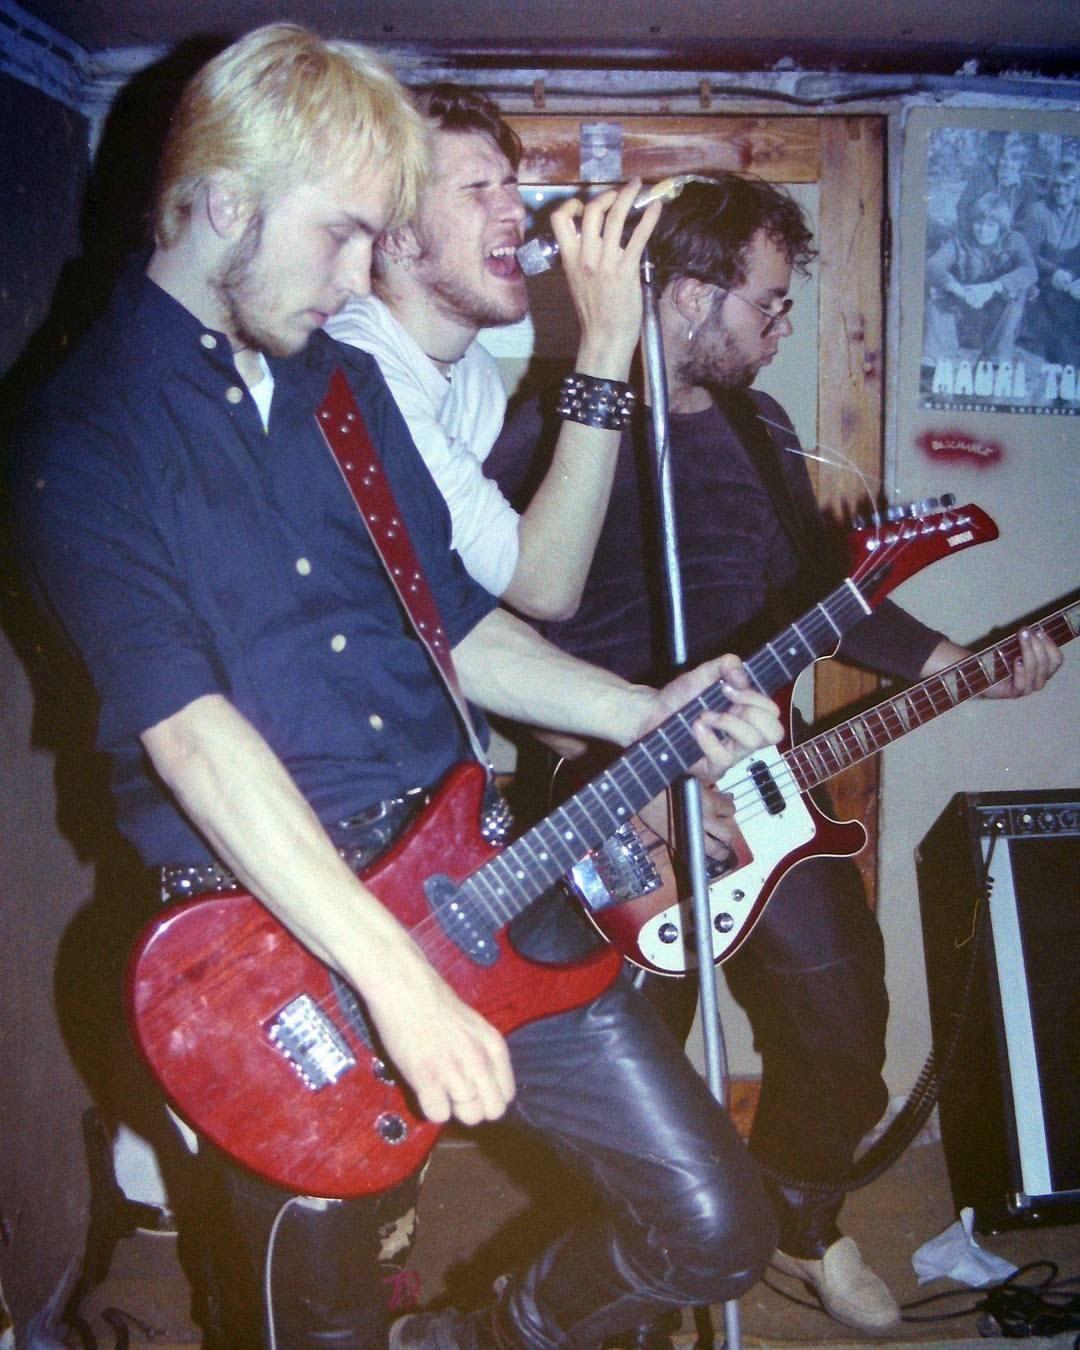 Rattus in Vilppula 1983 photo by Vote Vasko